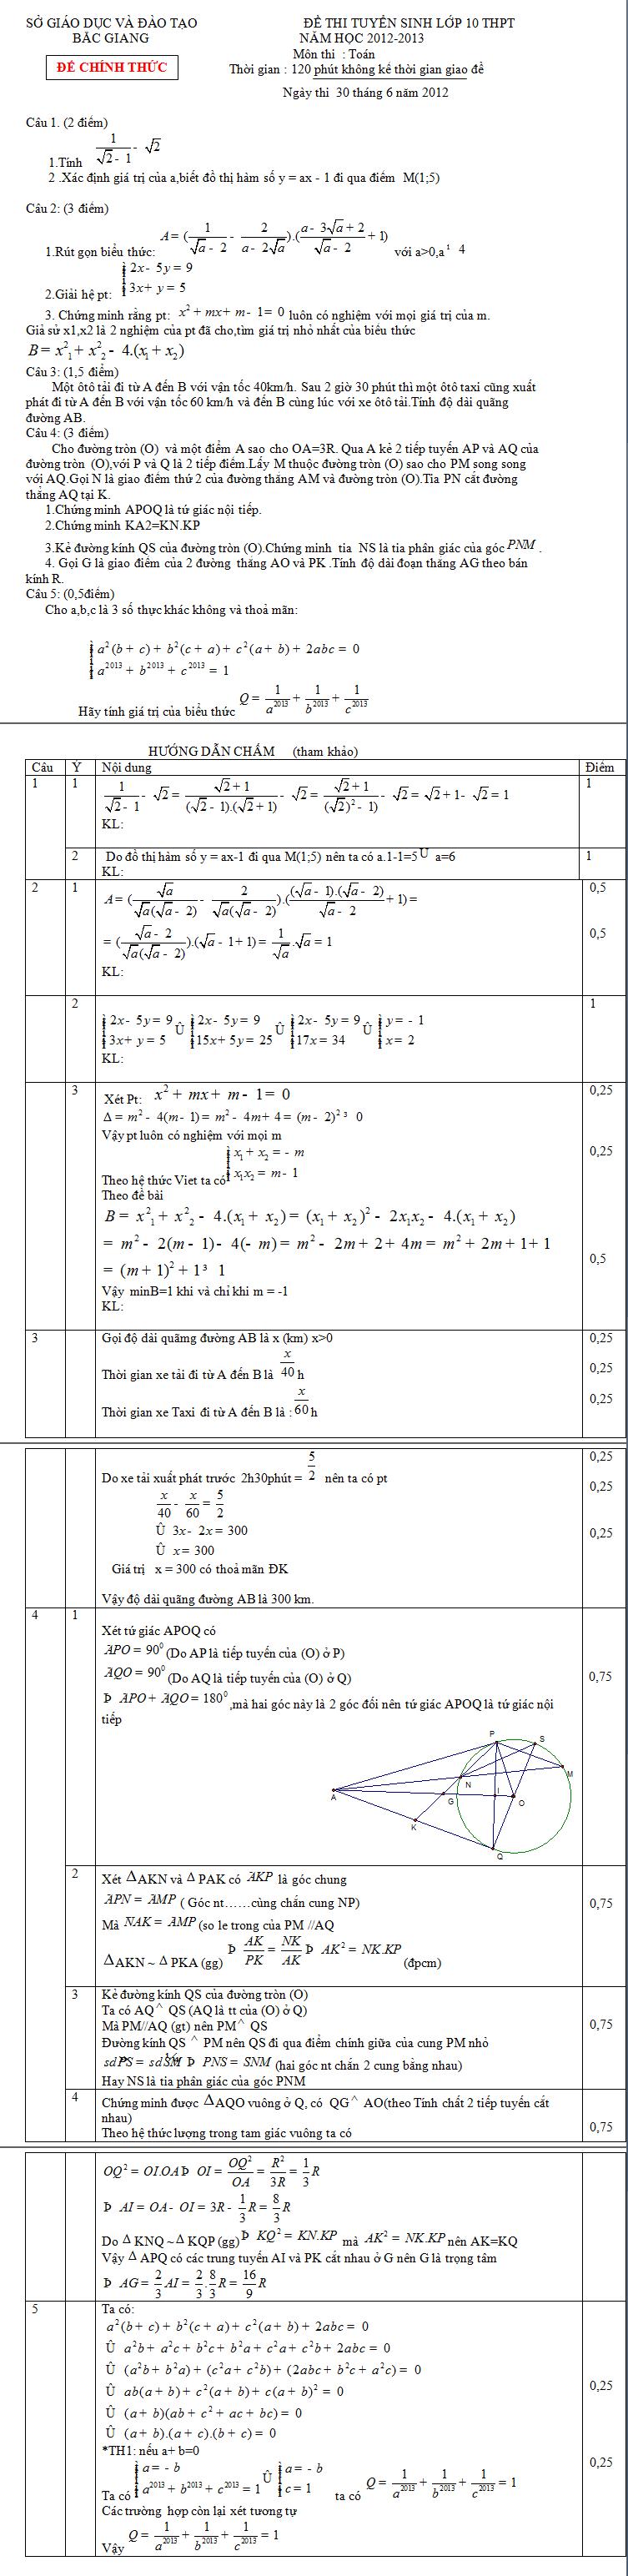 Điểm thi lớp 10 năm 2012 8d8469a92ffefe10a14cce7031f95808 46837164.bacgiang Đáp án đề thi môn toán vào lớp 10 tỉnh Bắc Giang năm 2012